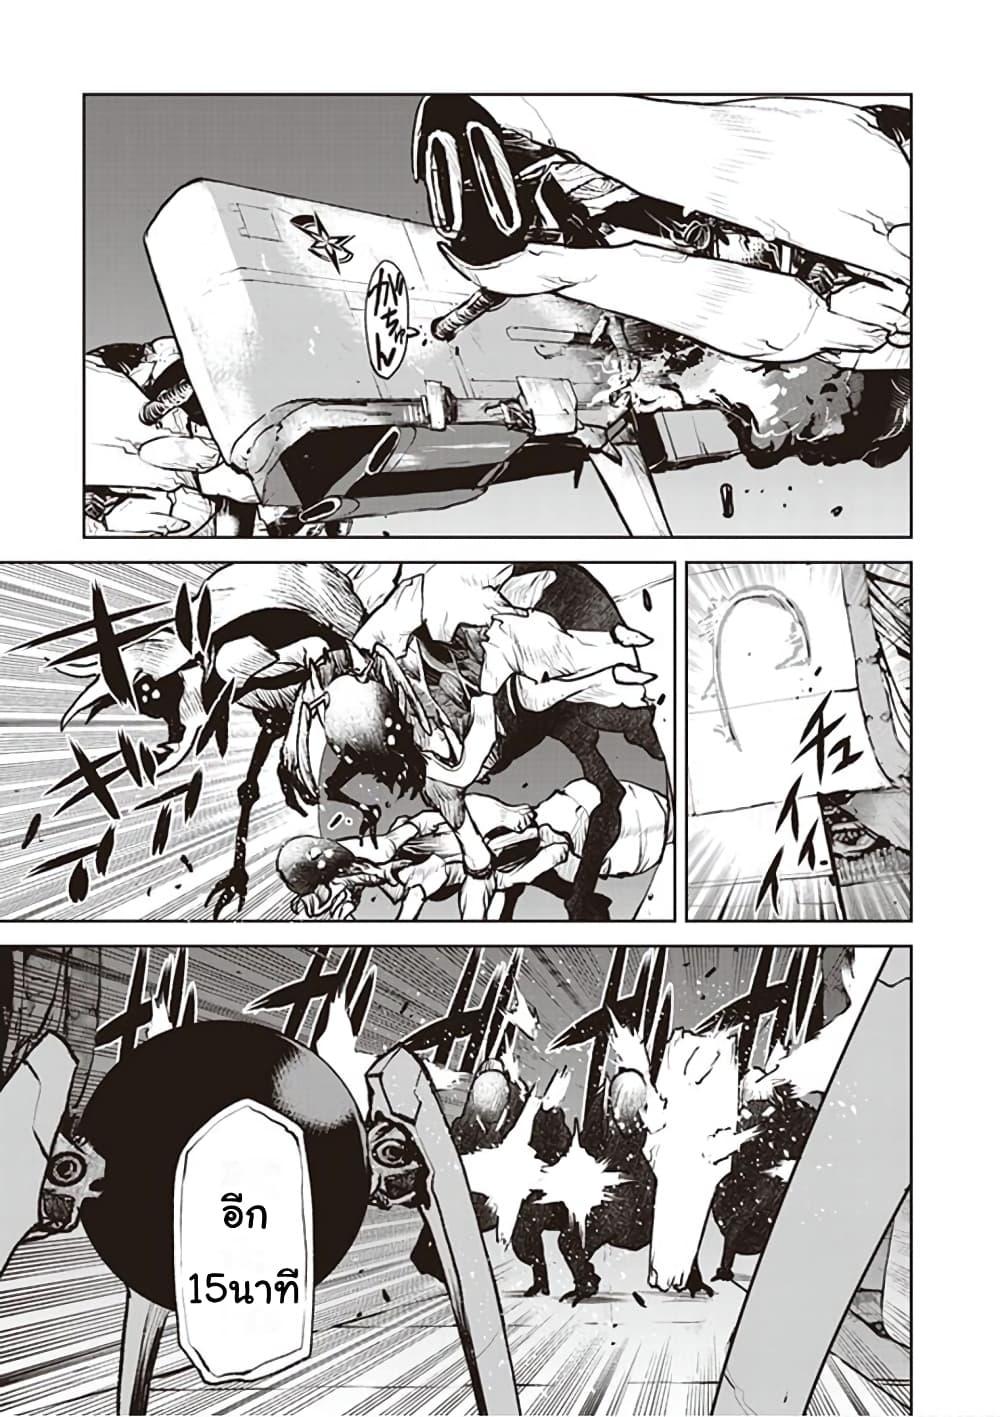 อ่านการ์ตูน The Galactic Navy Officer Becomes an Adventurer ตอนที่ 5 หน้าที่ 13